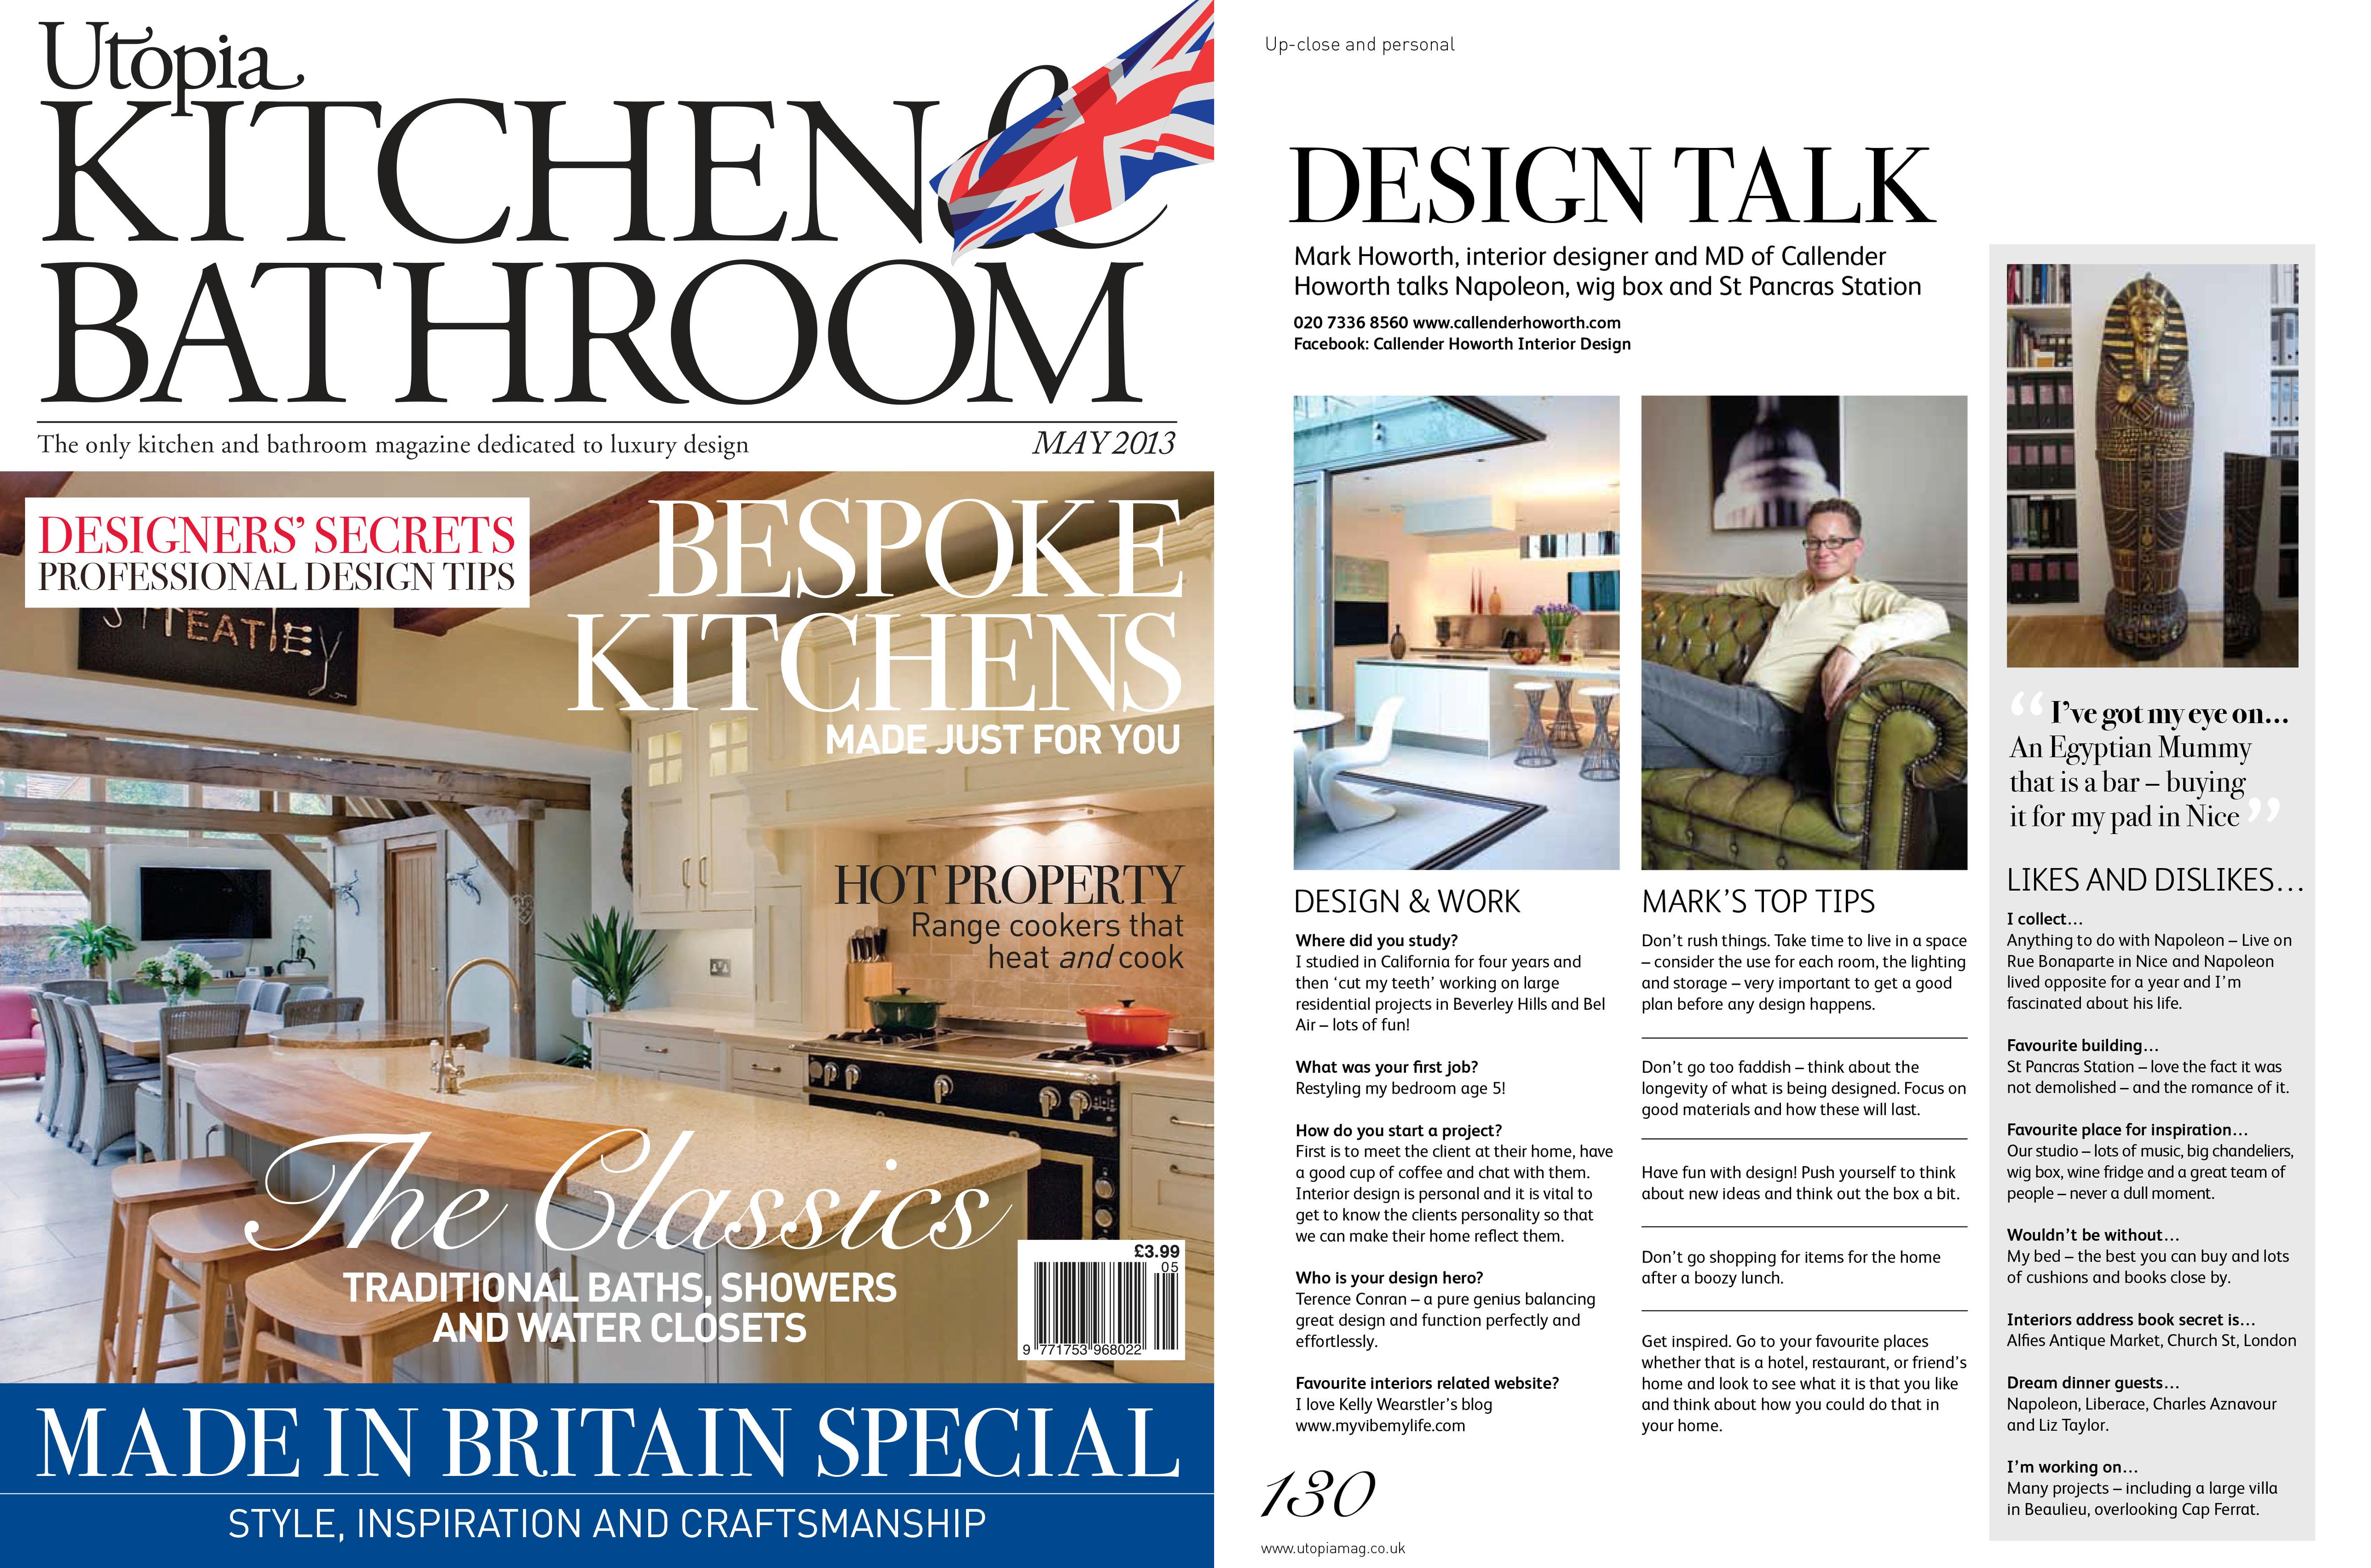 Utopia Design Talk Read Full Article Interior